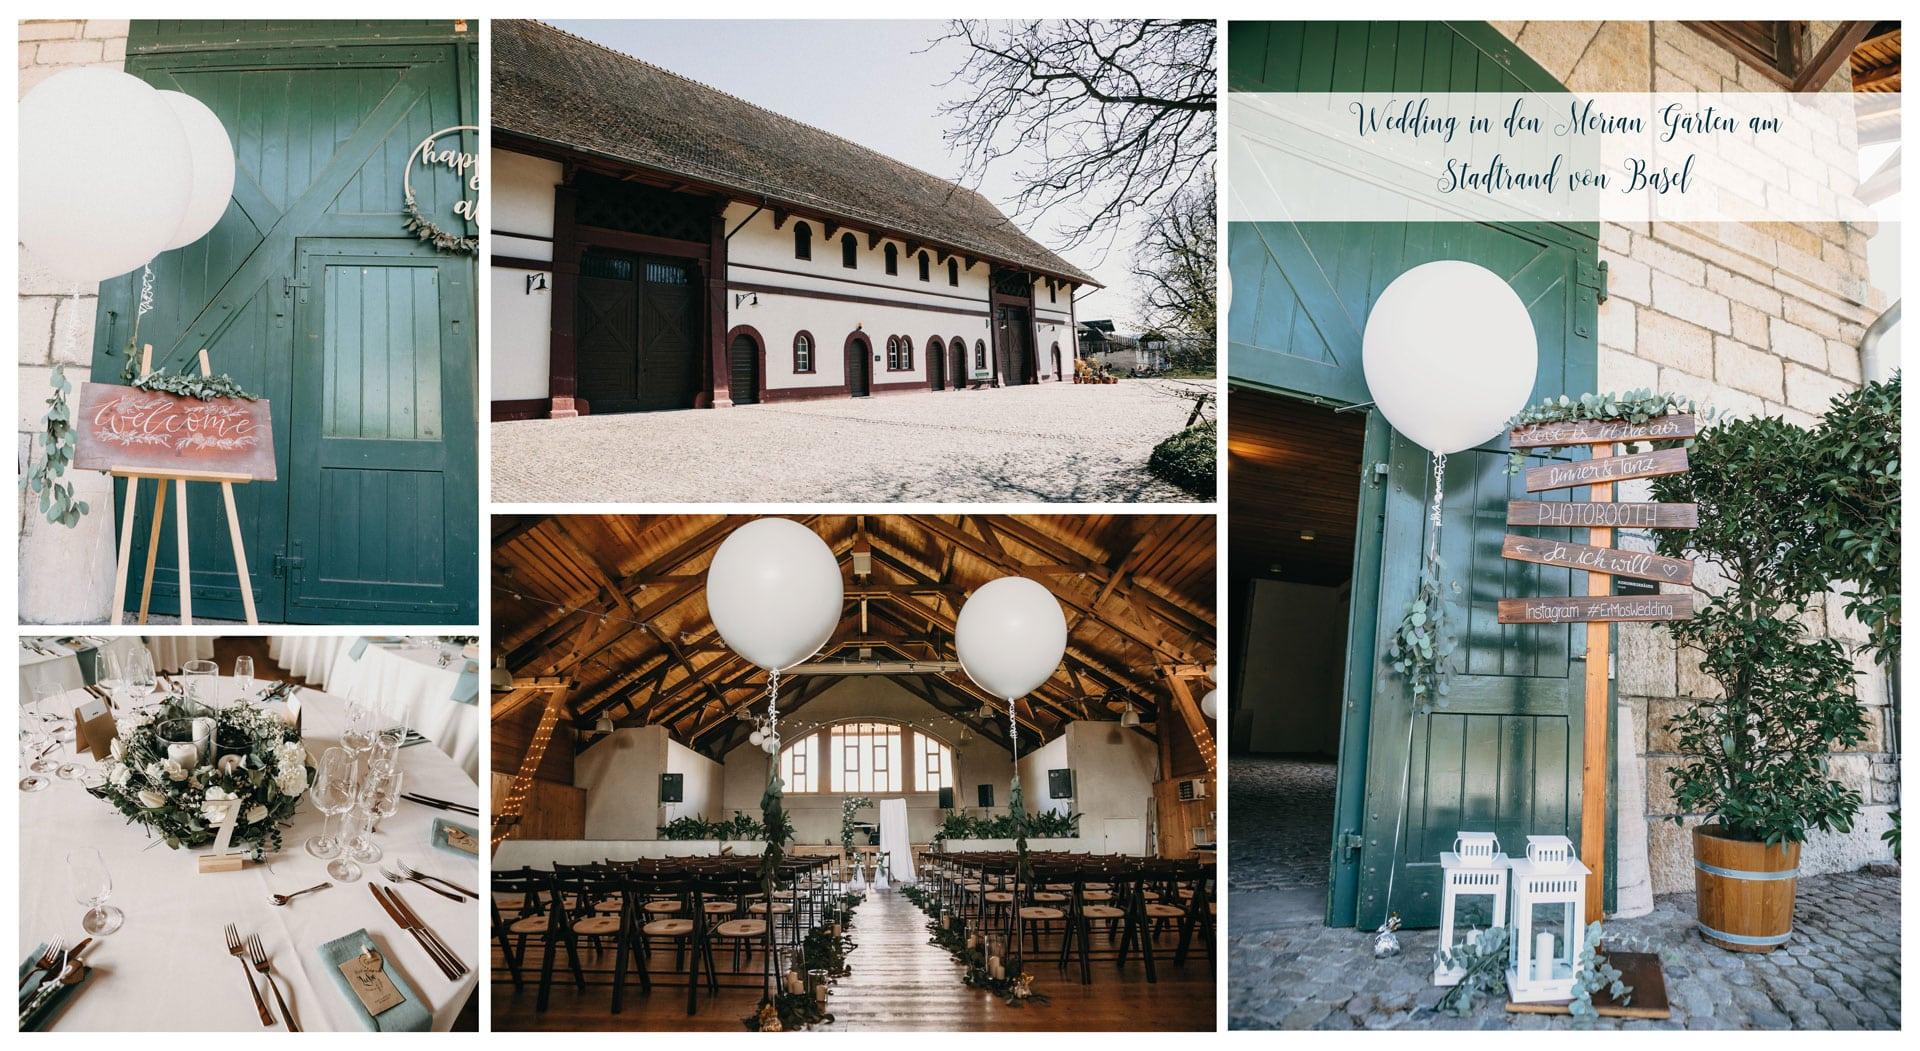 Zu sehen ist die von unseren Hochzeitsdekorateuren liebevoll dekorierte Scheune in den Meriangaerten in Basel